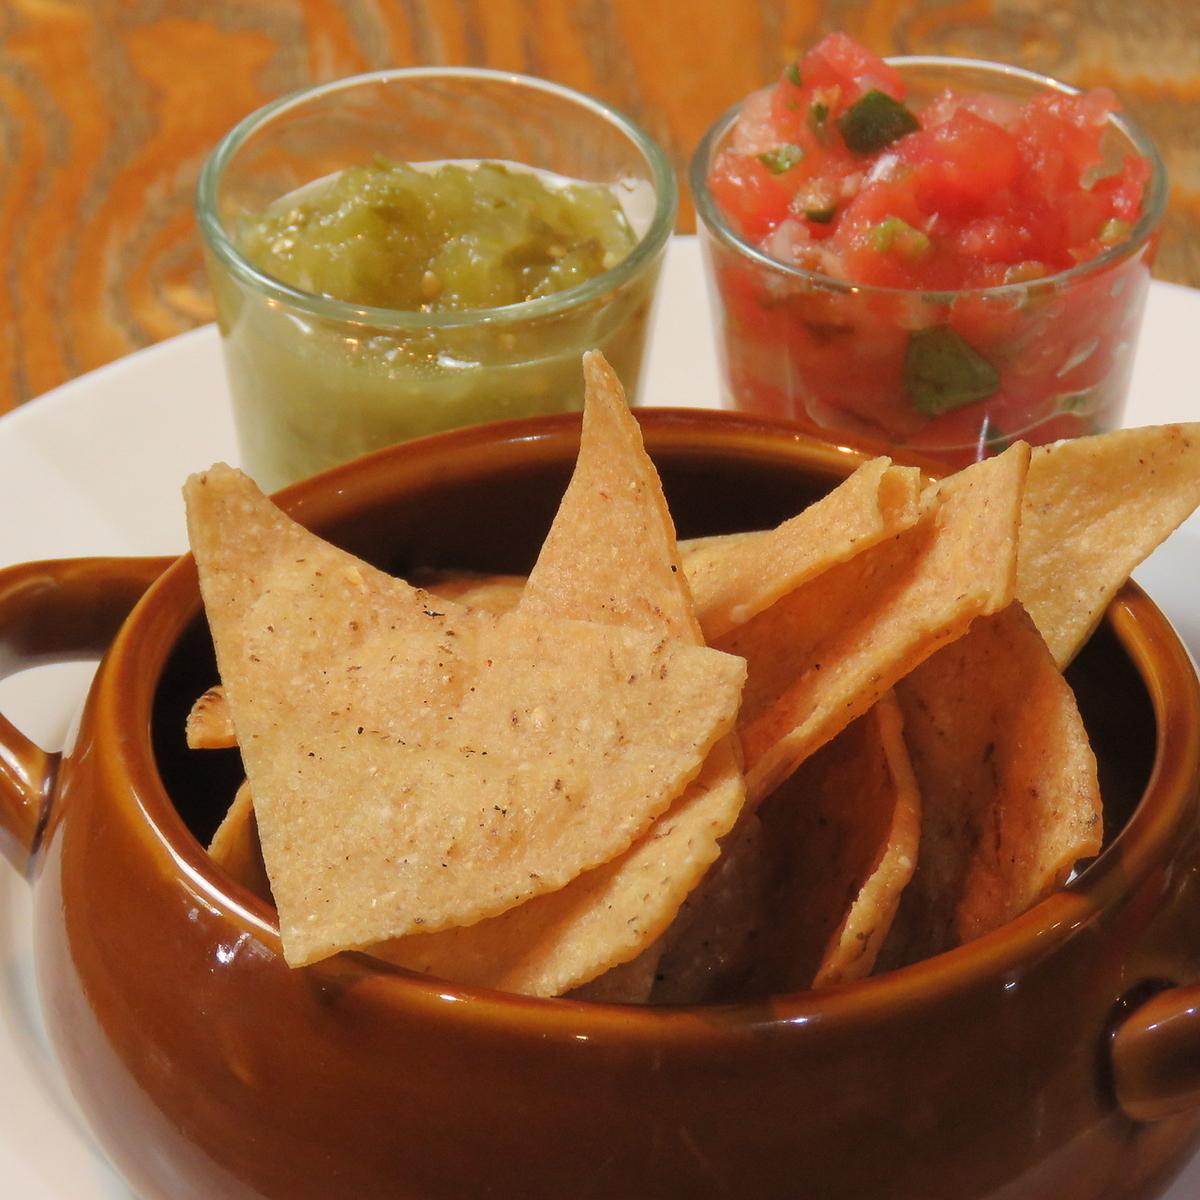 墨西哥玉米片(莎莎醬/芥末醬)